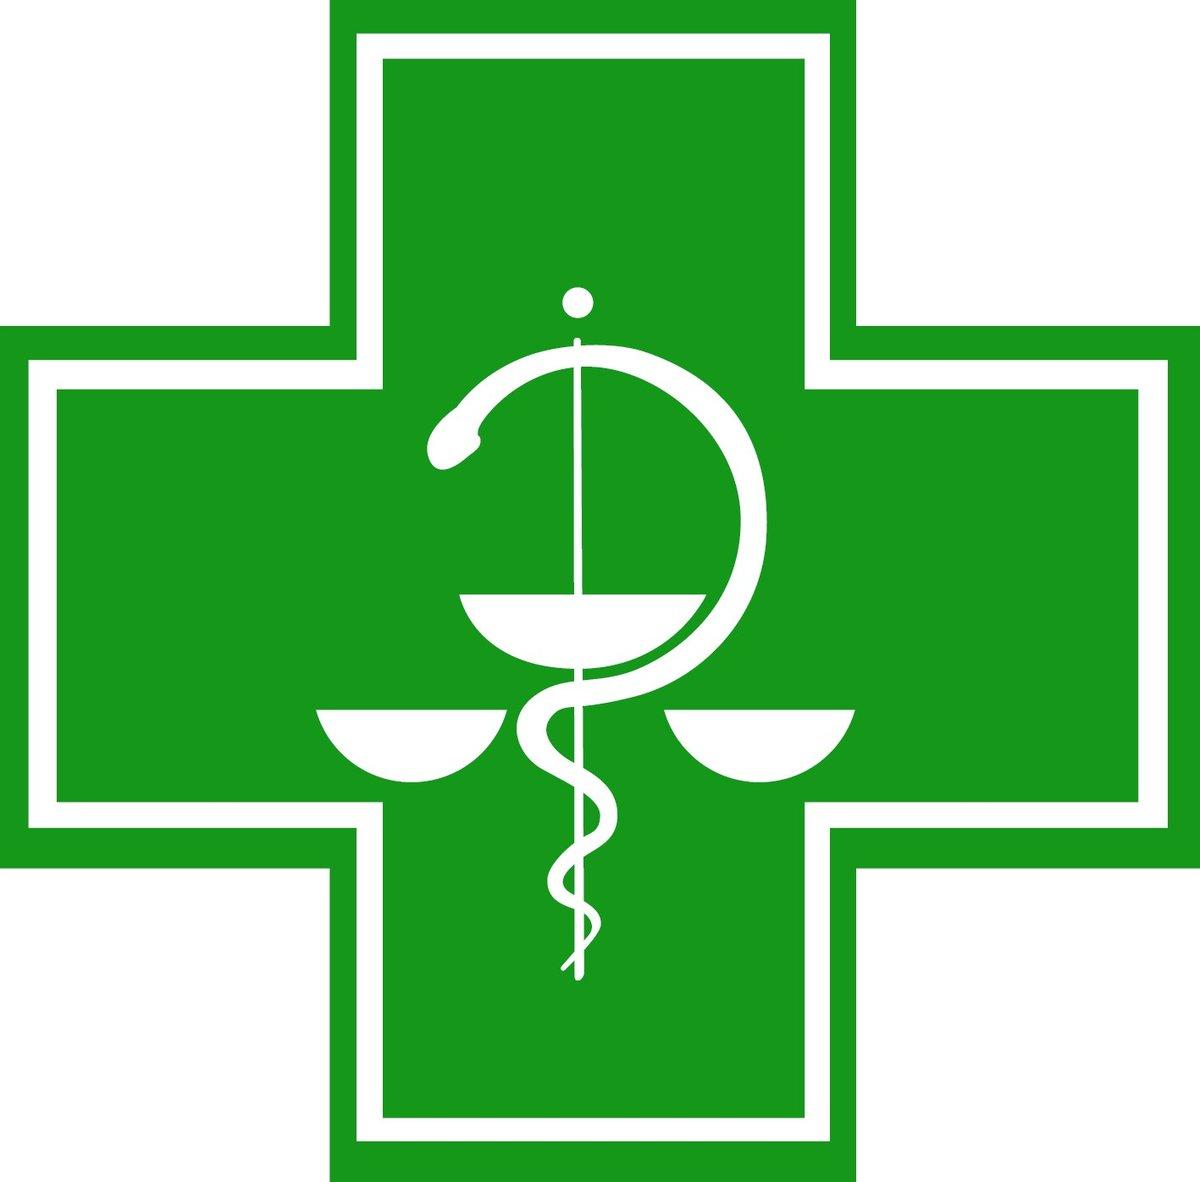 логотип аптеки в картинках после скандального